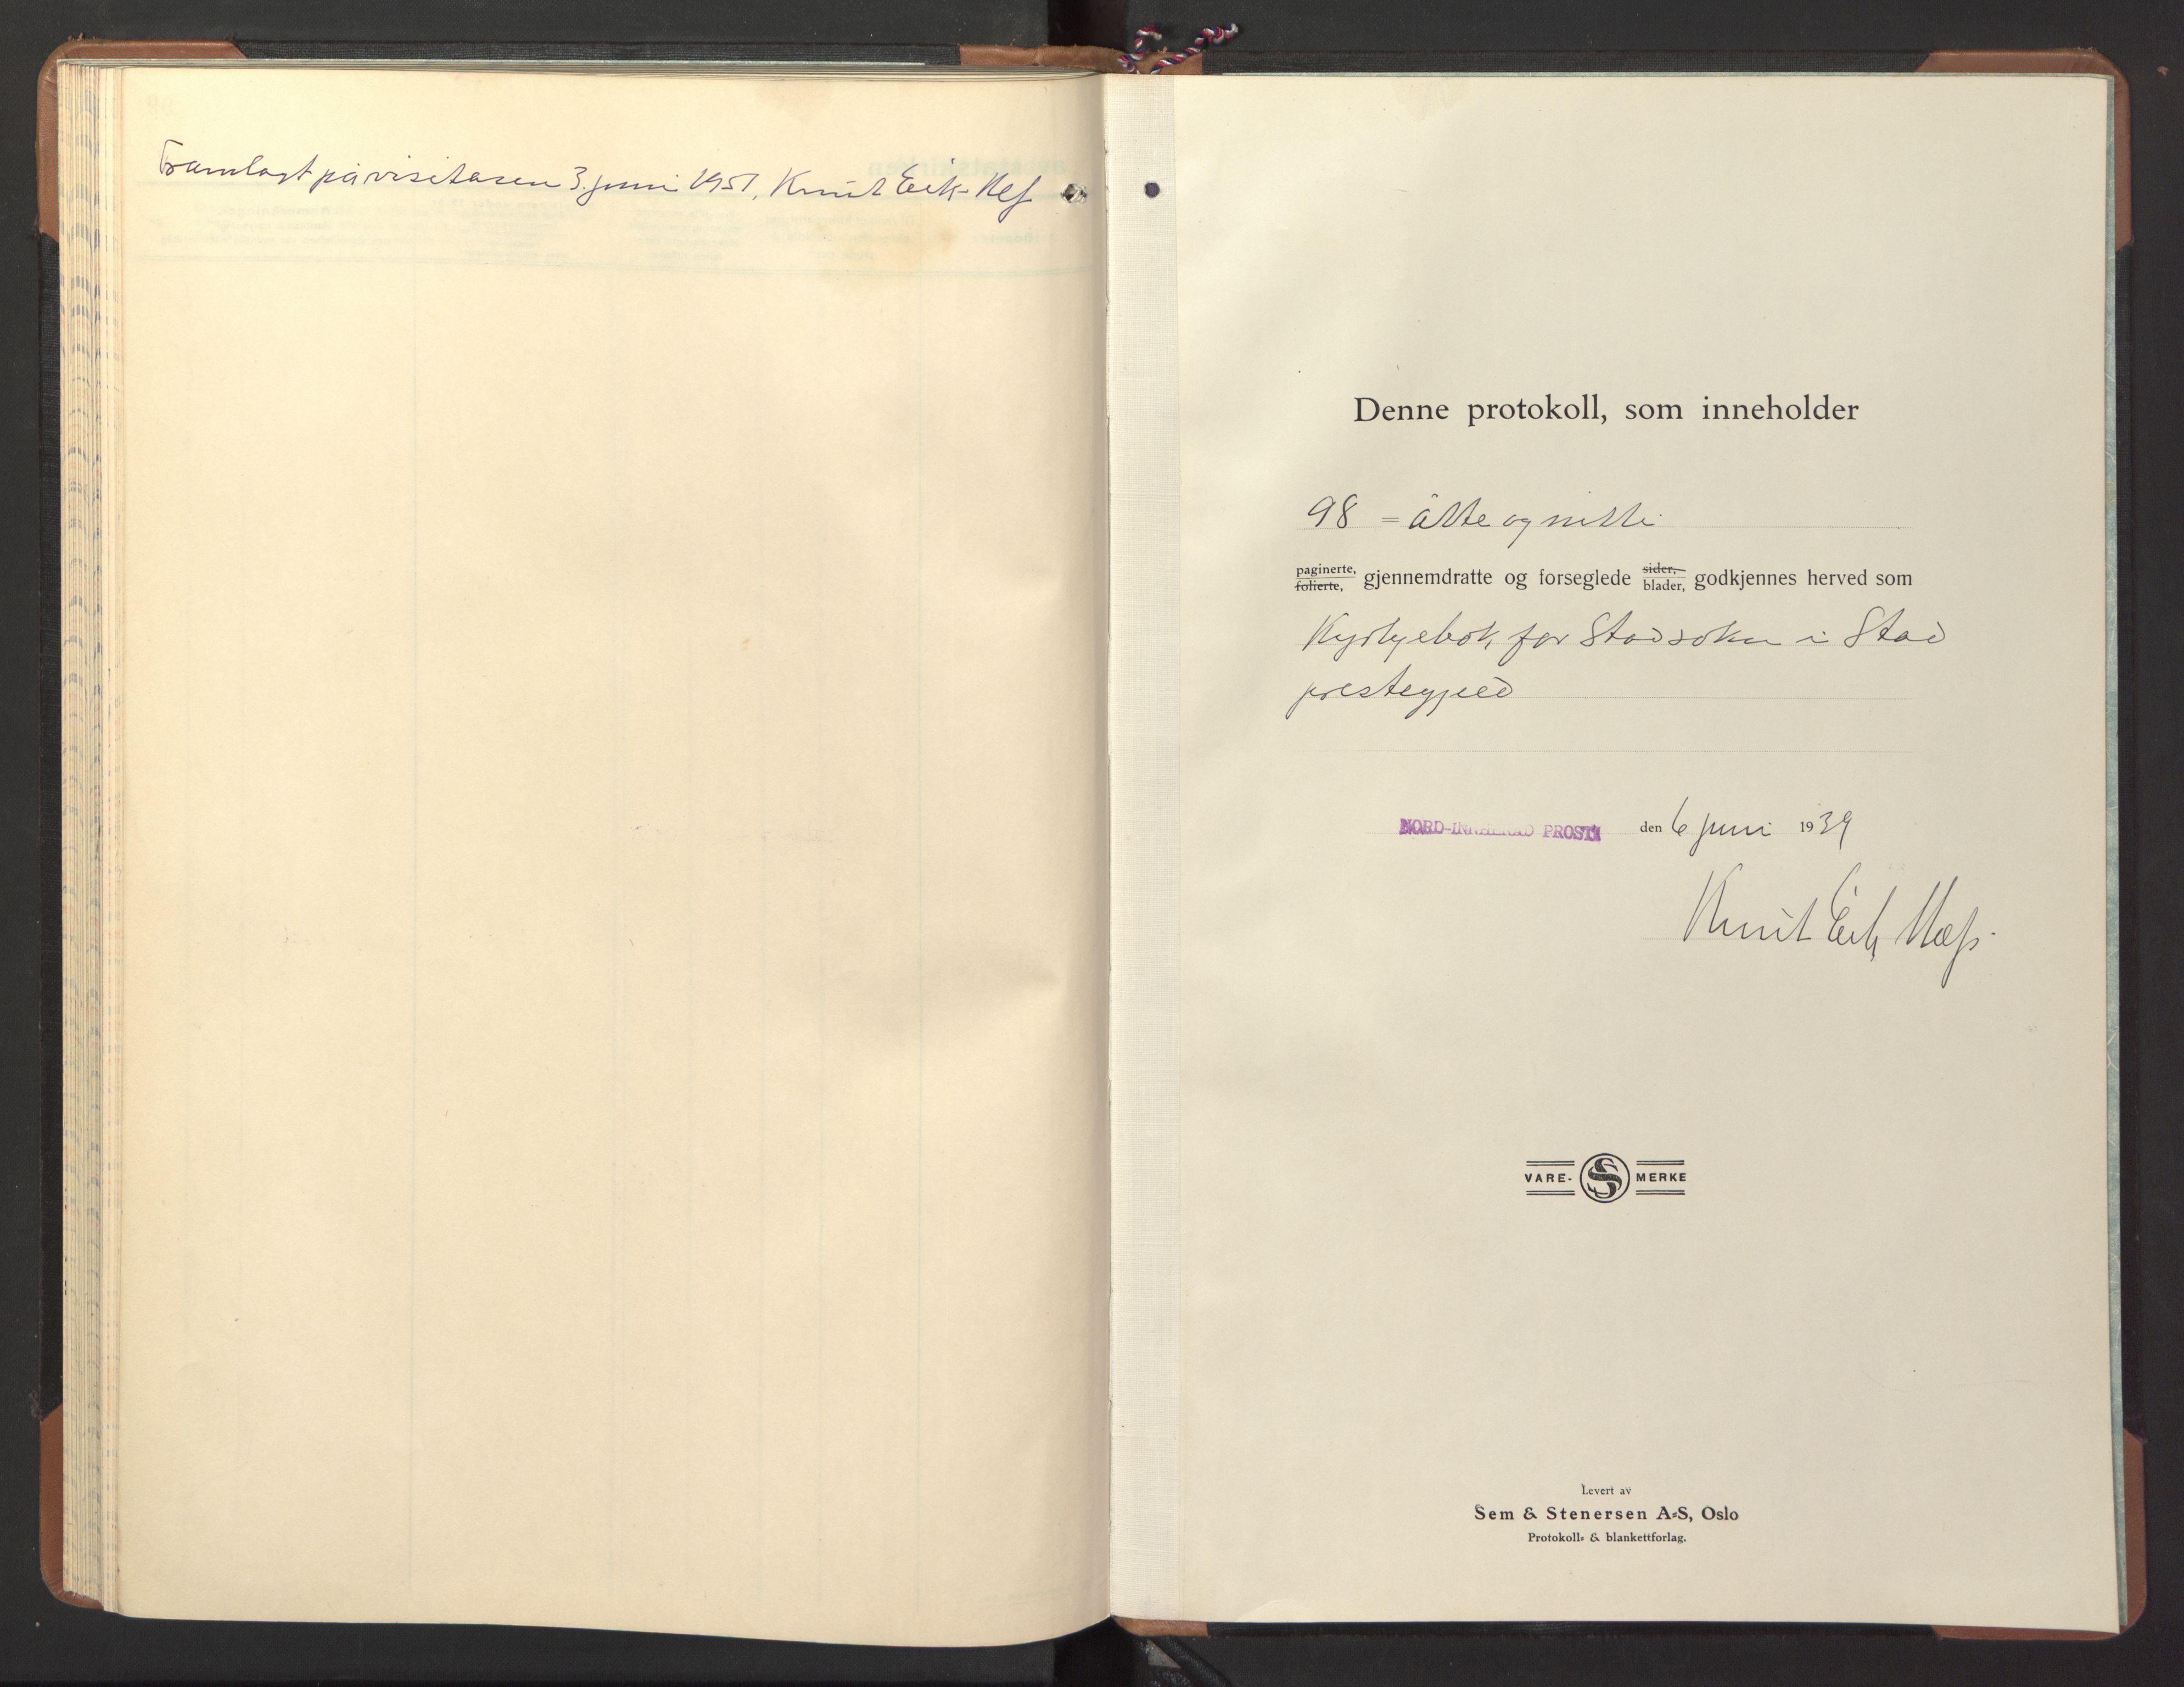 SAT, Ministerialprotokoller, klokkerbøker og fødselsregistre - Nord-Trøndelag, 746/L0456: Klokkerbok nr. 746C02, 1936-1948